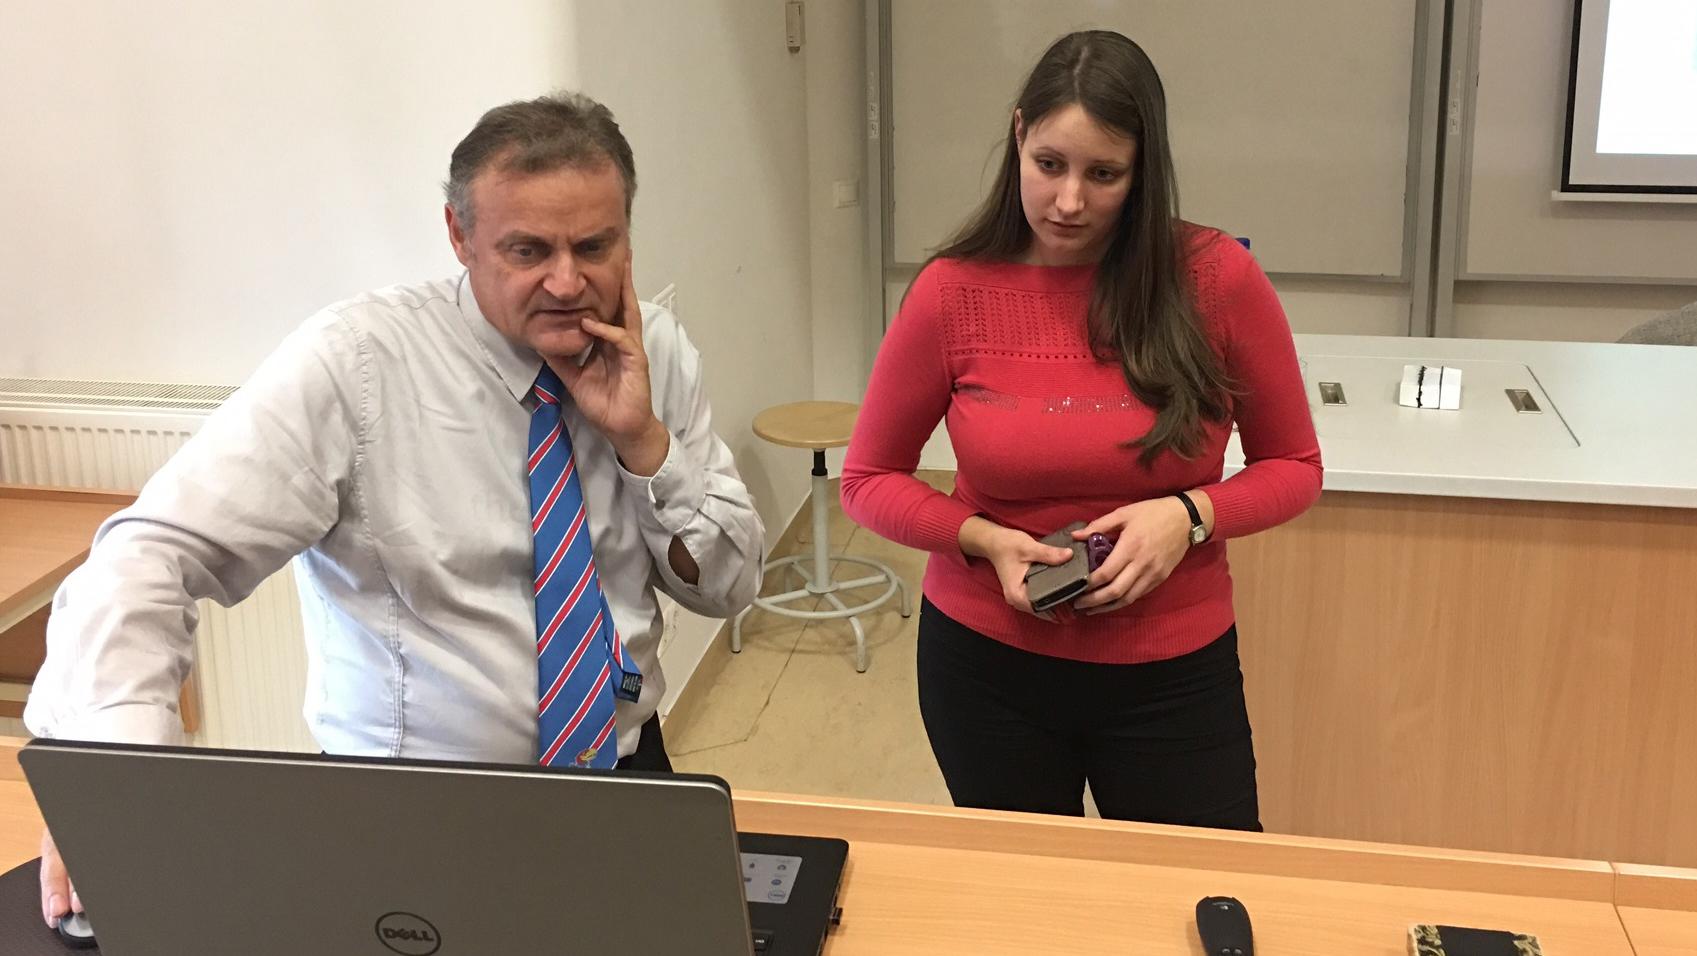 Professor collaborates, presents during sabbatical